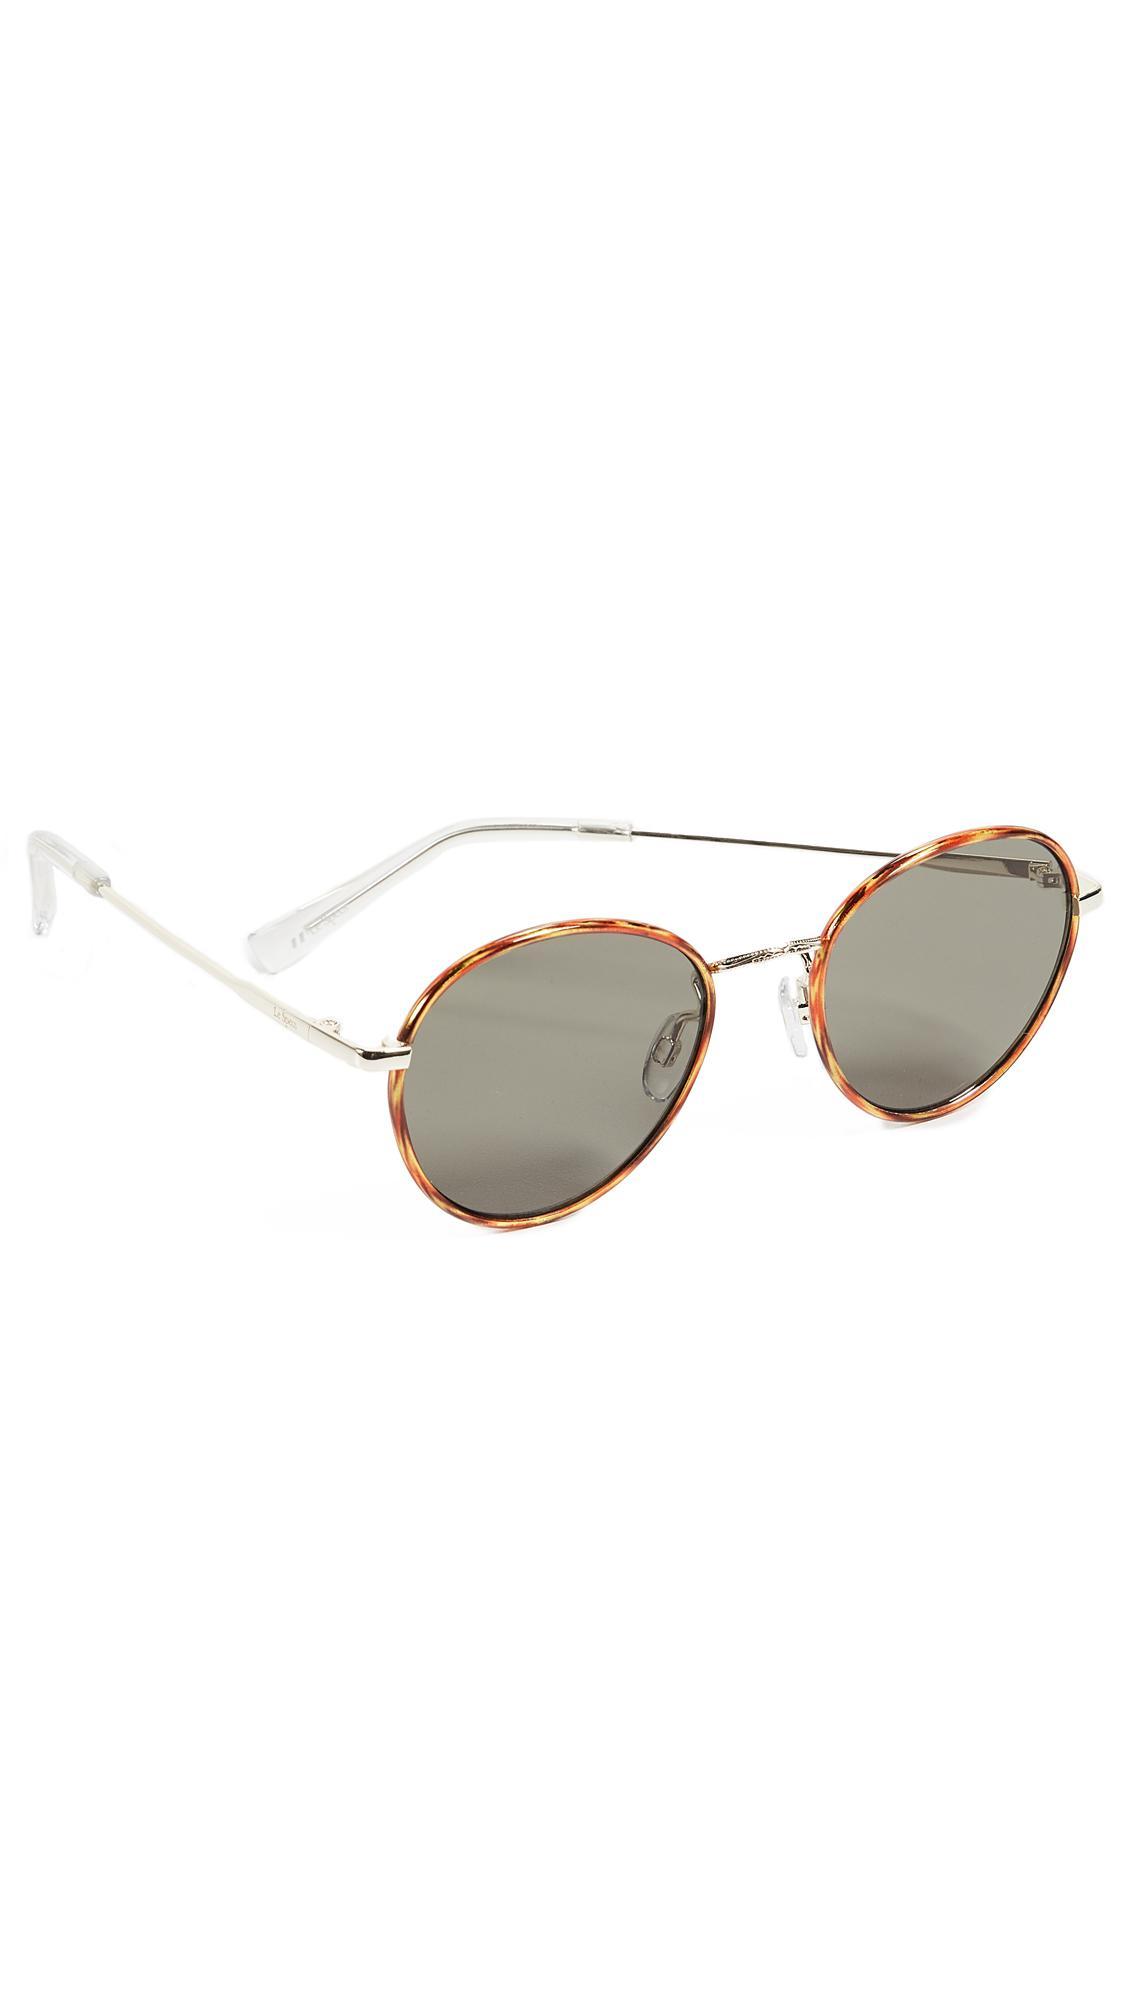 305fc10130 Le Specs Zephyr Deux Sunglasses for Men - Lyst